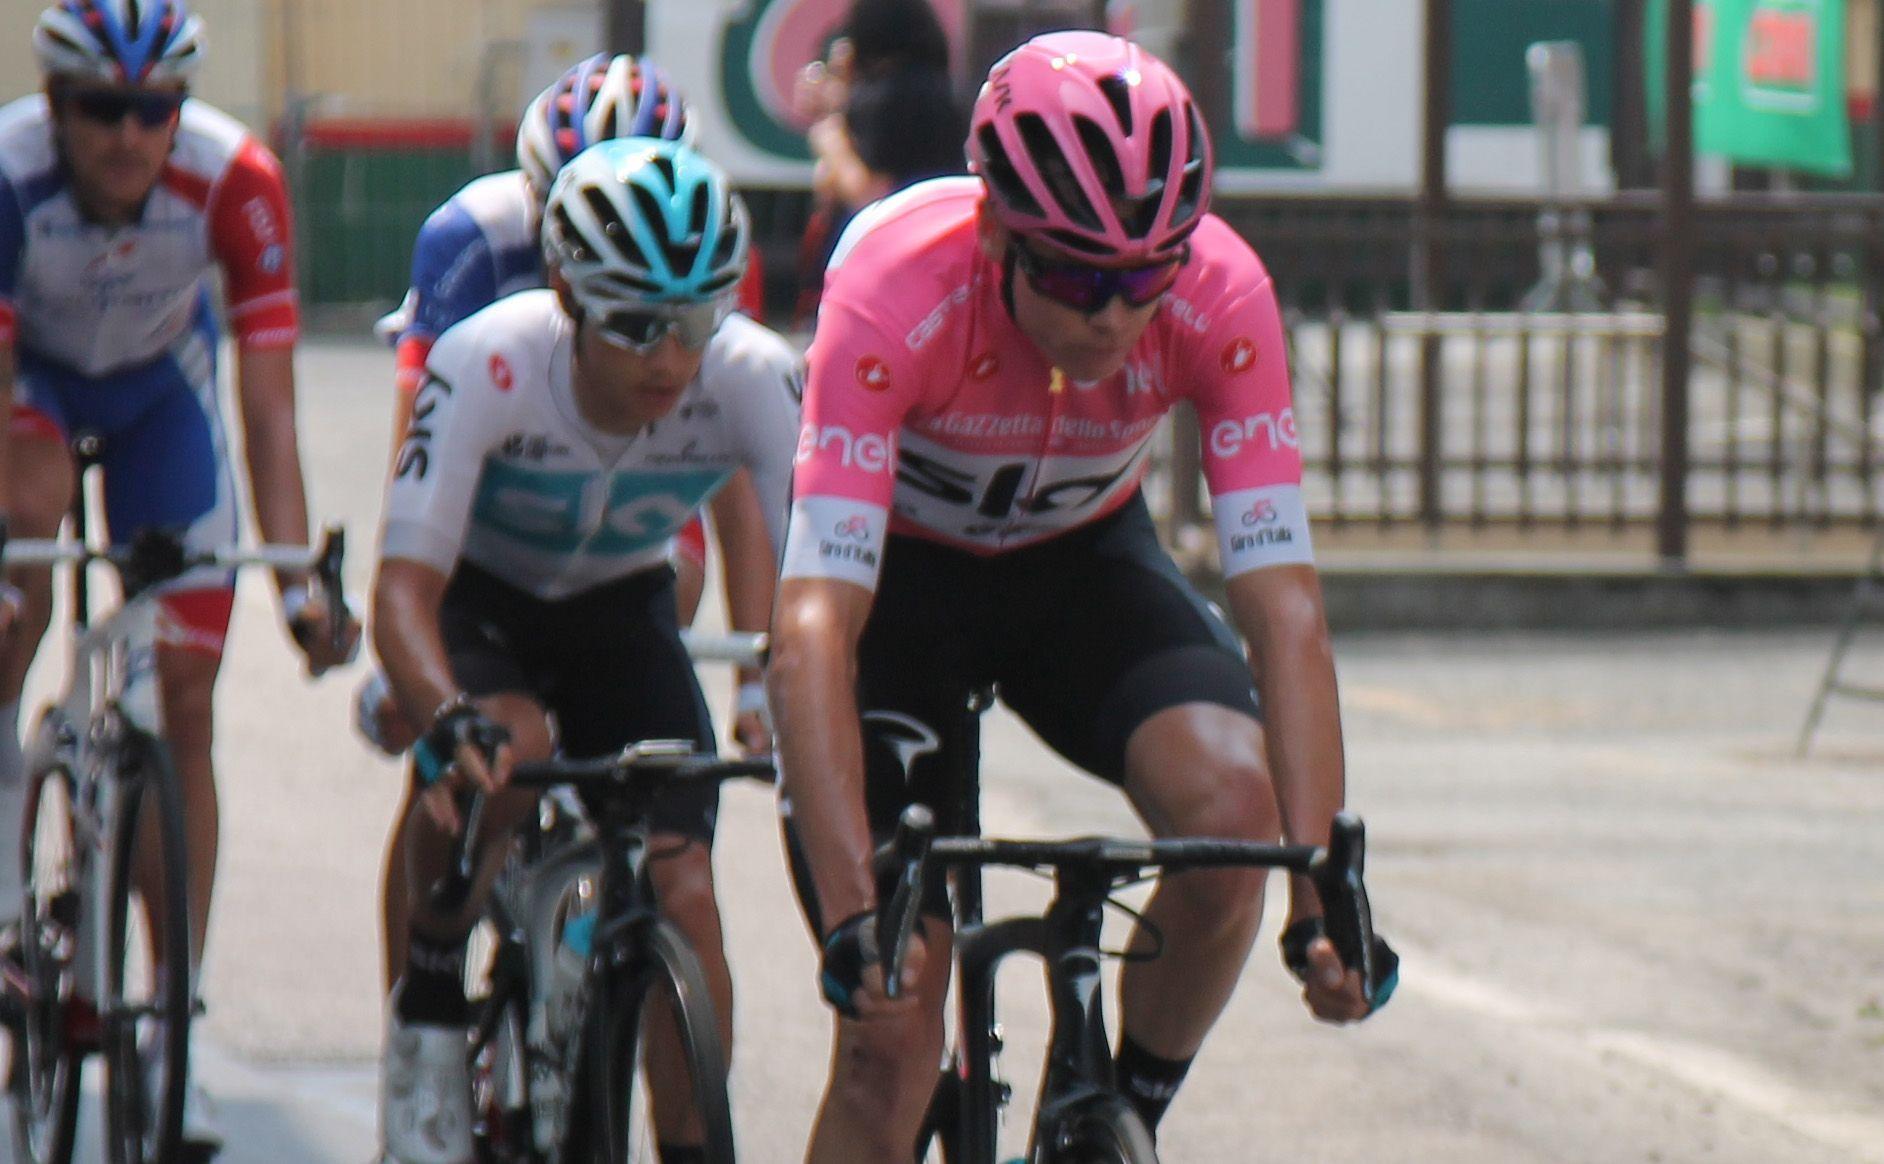 CICLISMO - Giro d'Italia al Serrù: anche Legambiente chiede di bloccare la tappa a Ceresole Reale